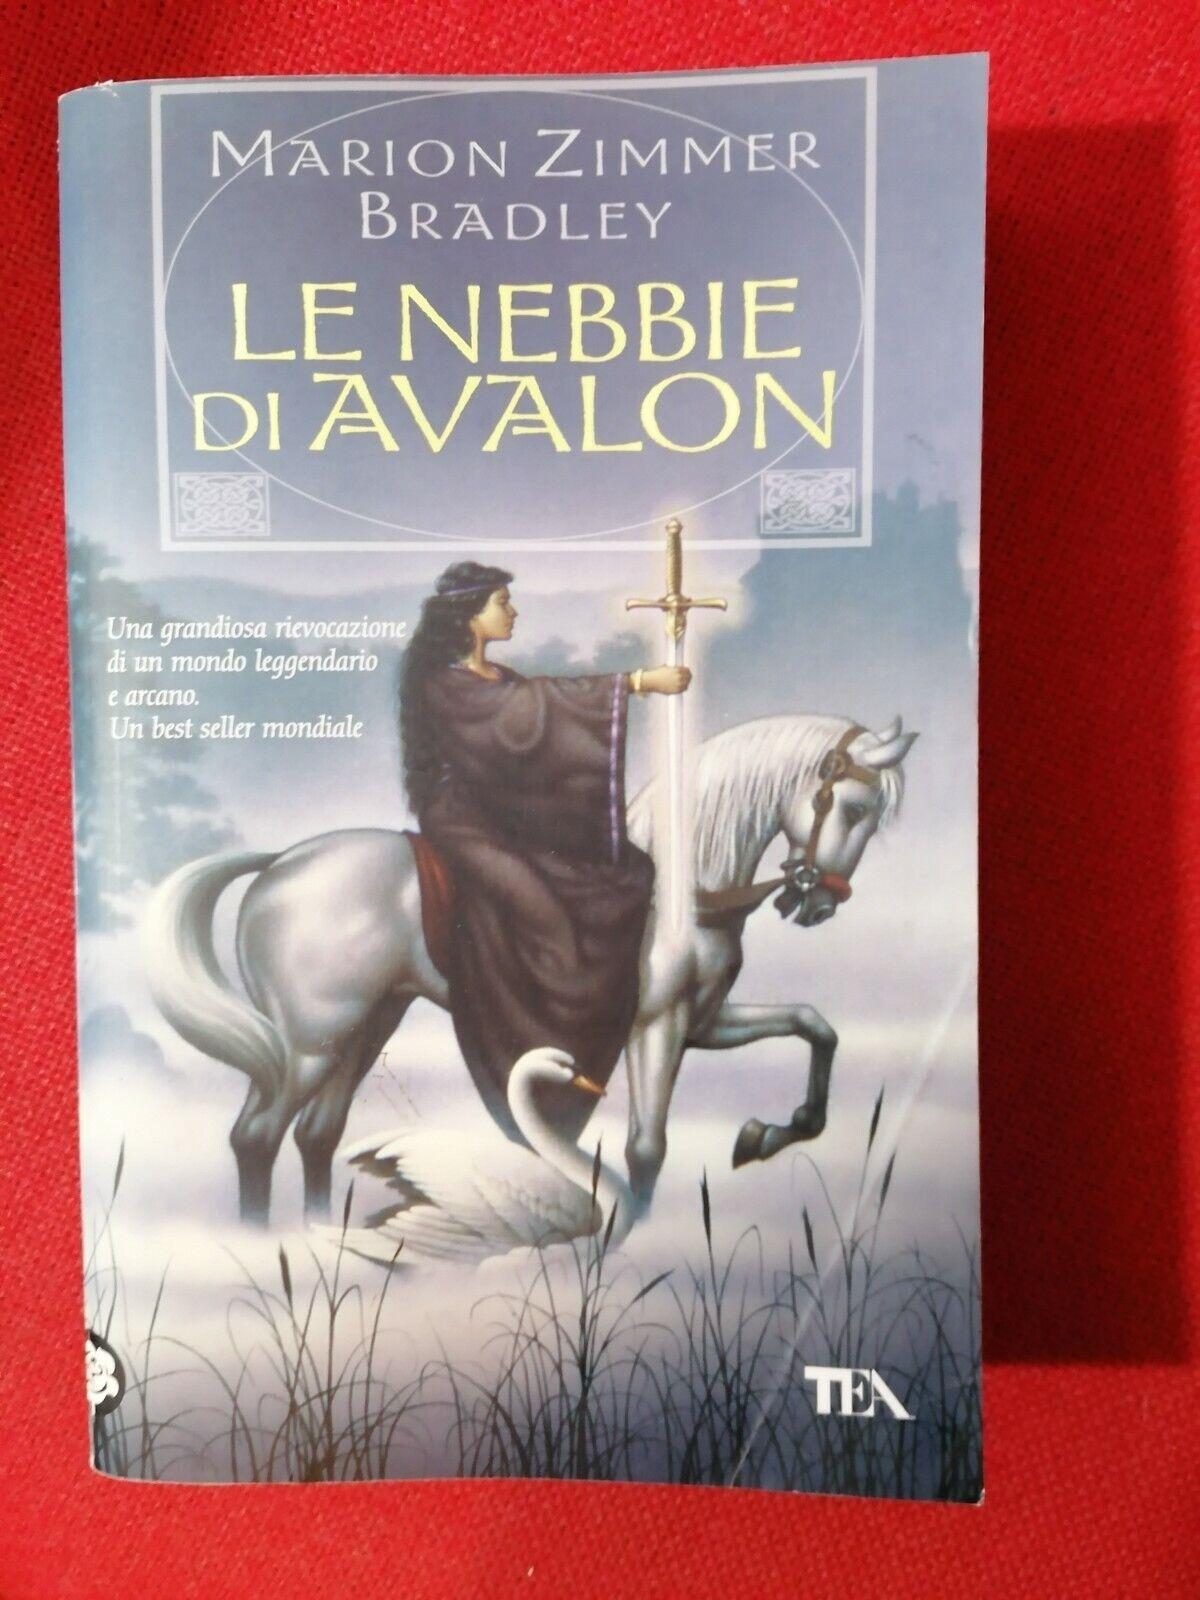 Le Nebbie di Avalon - Autore: Marion Zimmer Bradley - I Grandi TEA